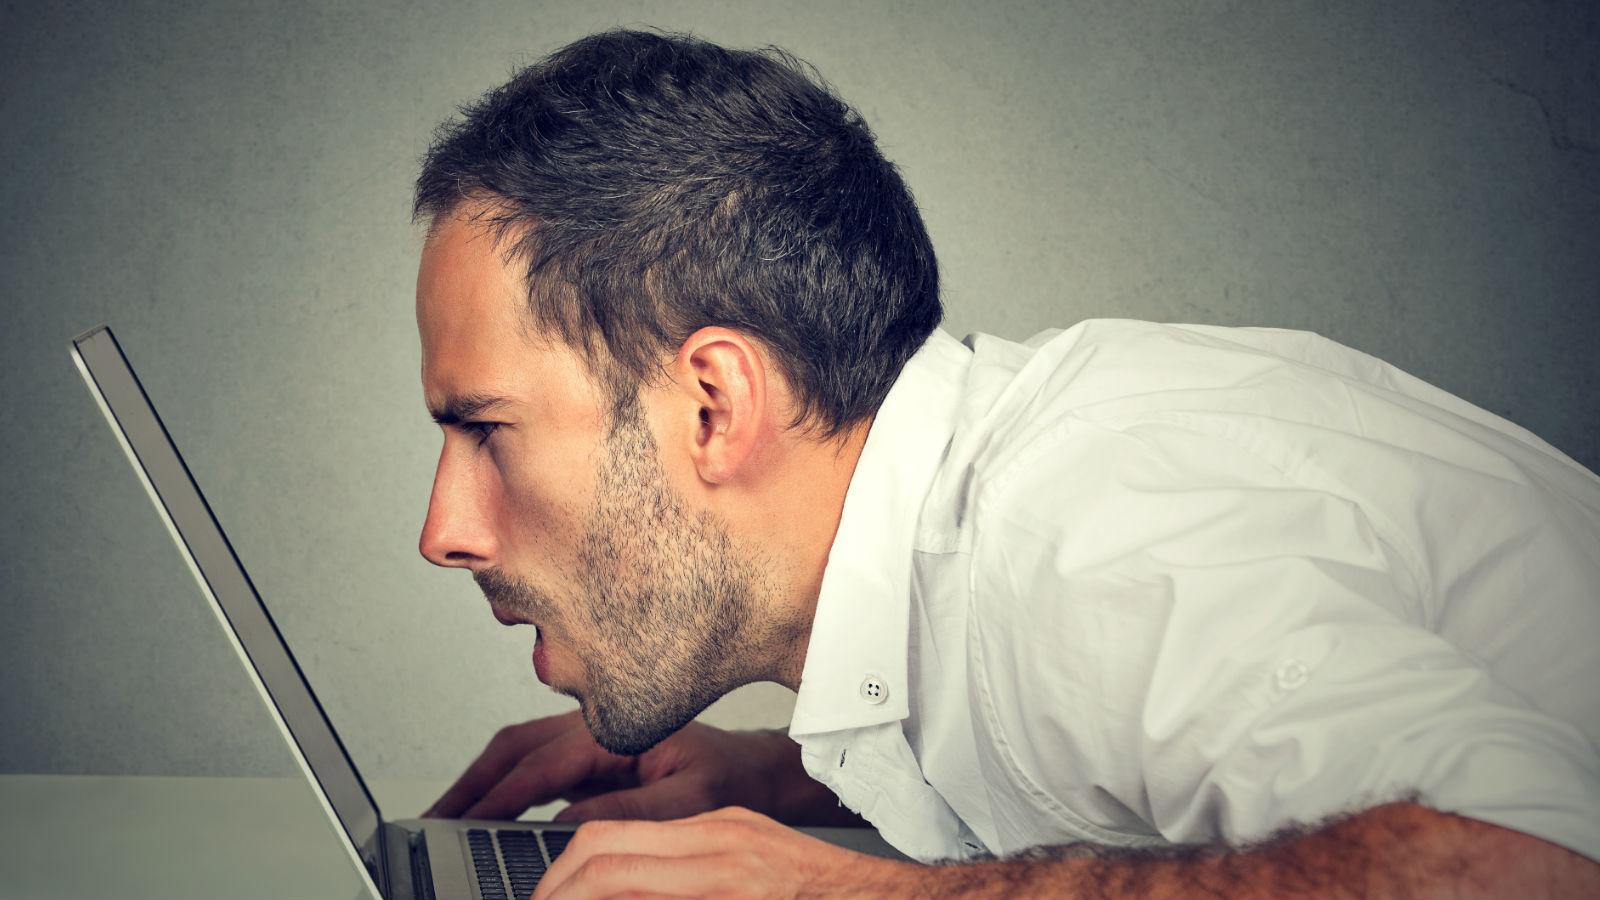 Vista borrosa: puede ser el síndrome visual informático (por computadora)